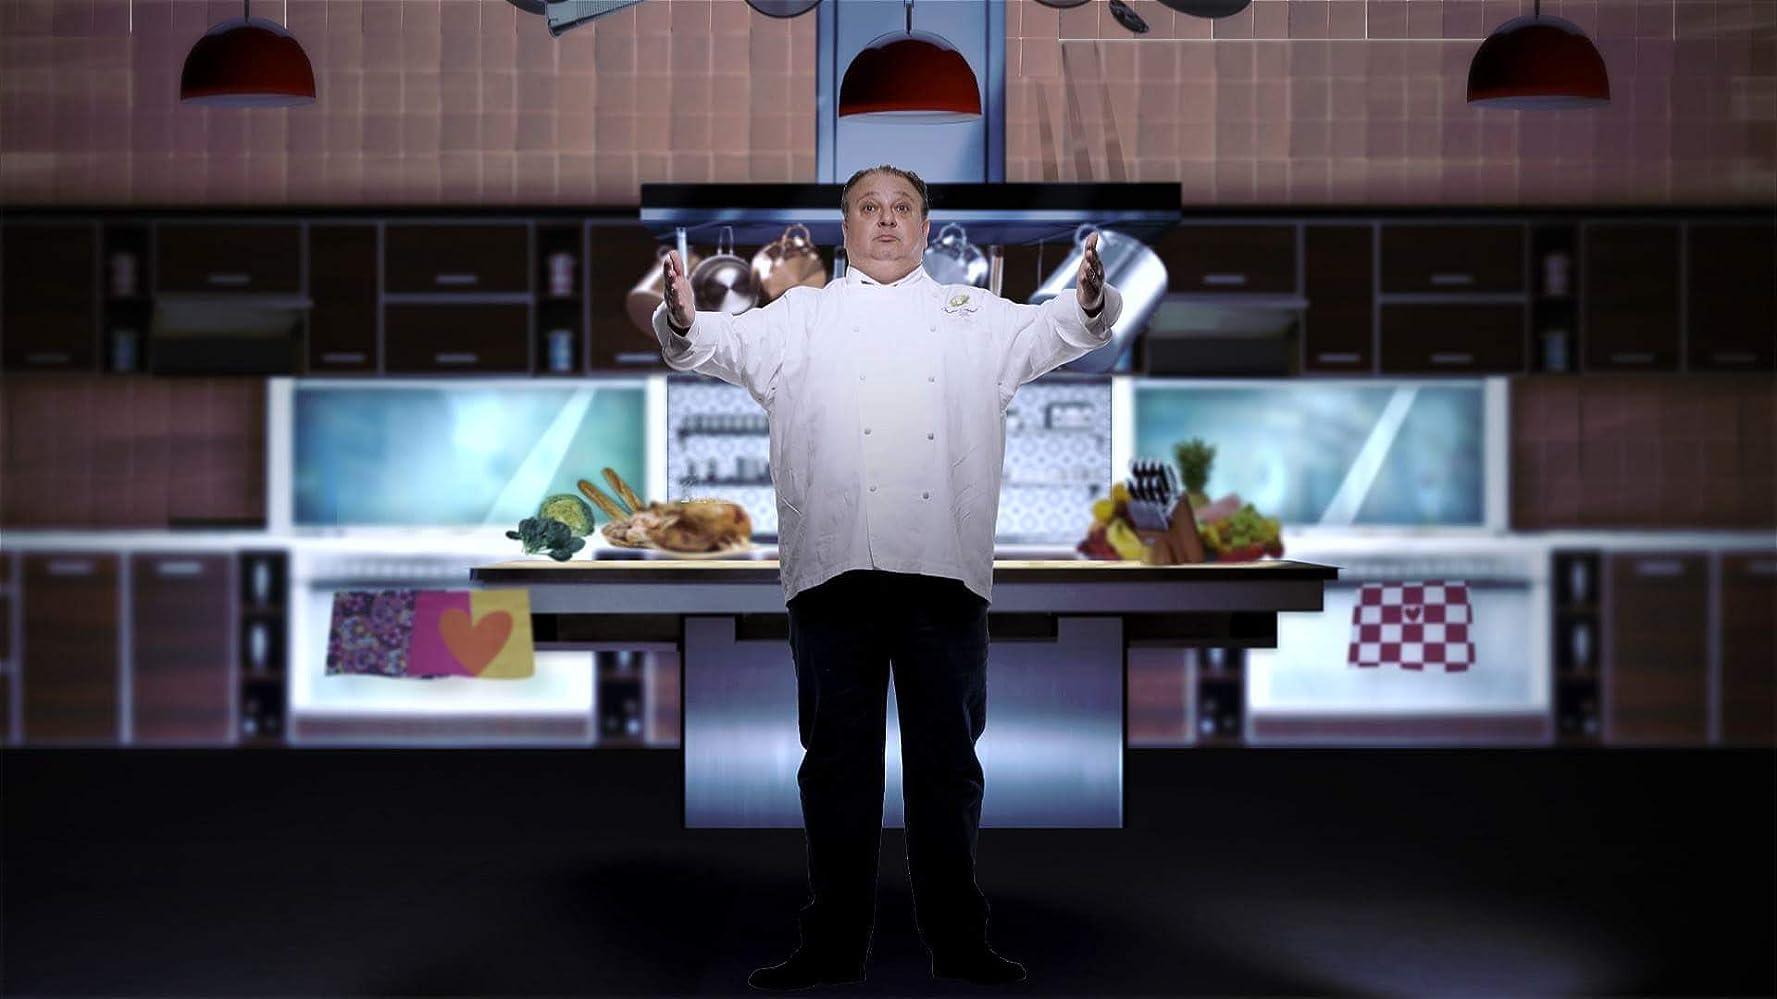 Imagens do Pesadelo na Cozinha Dublado Dublado Online